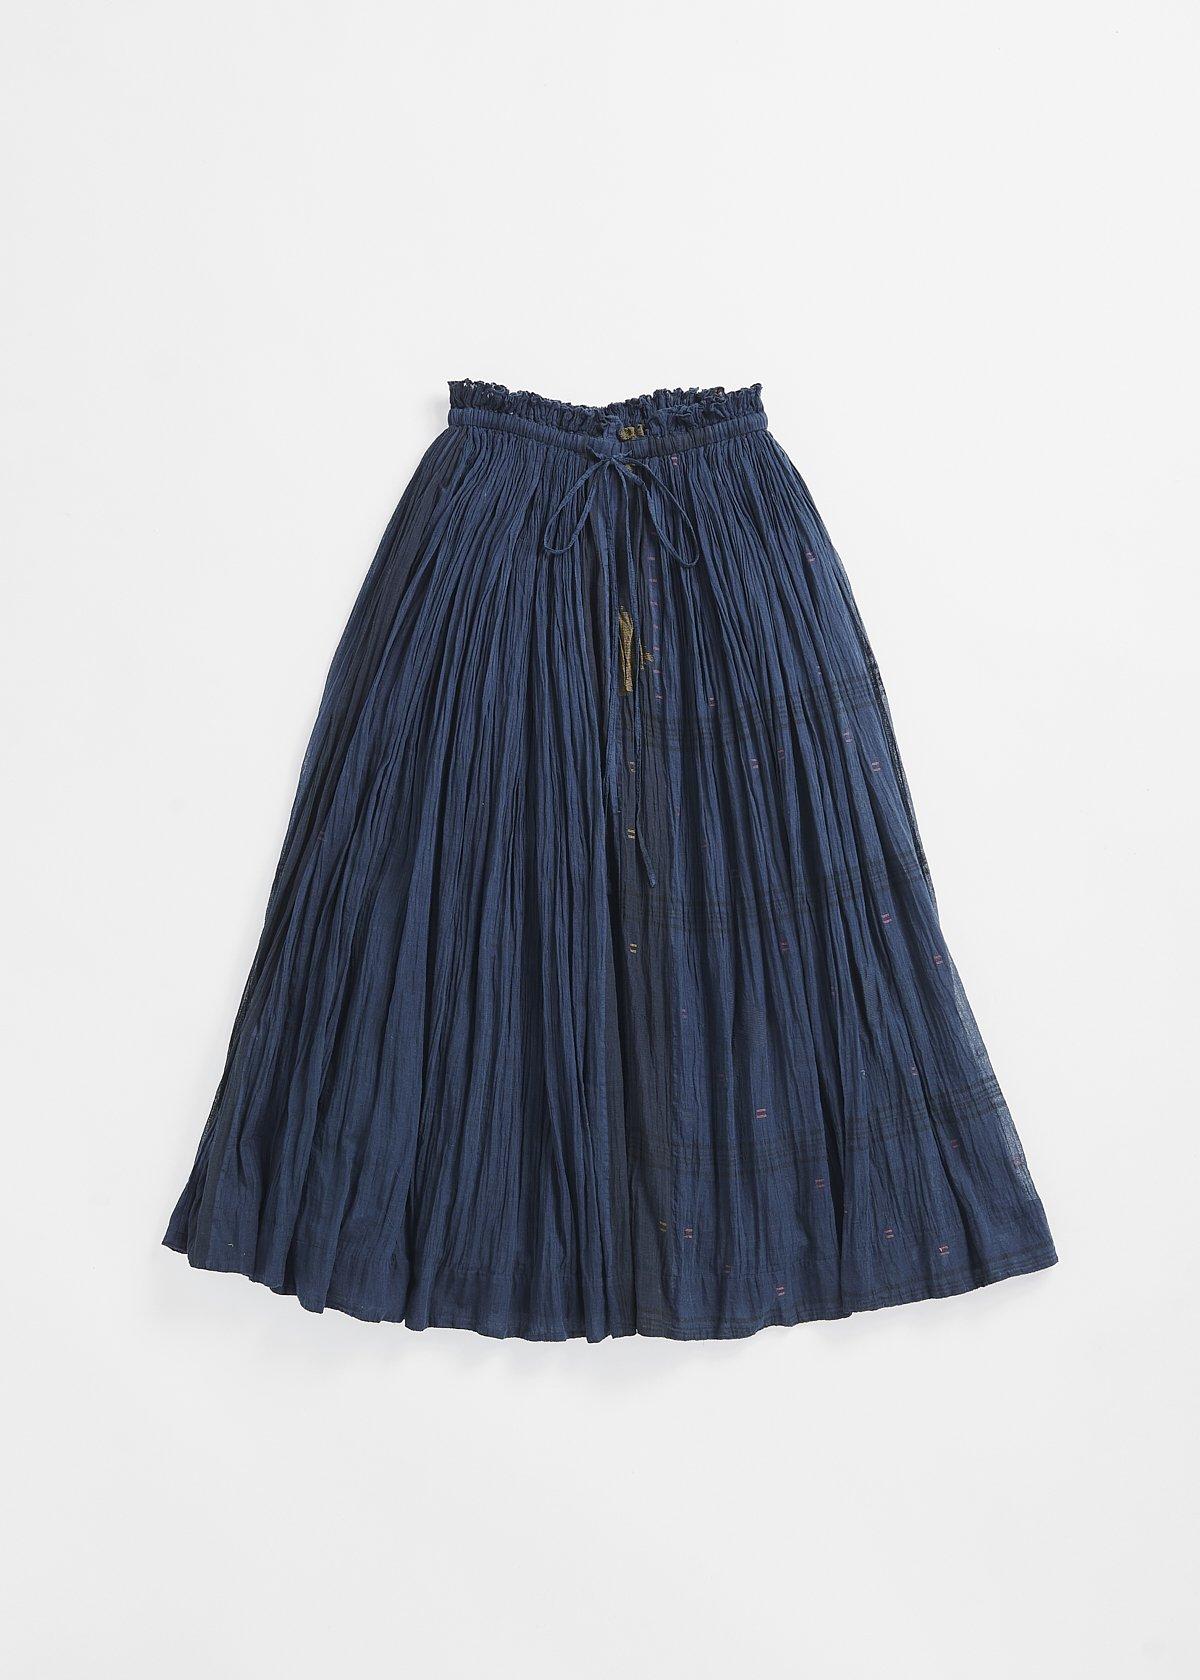 maku MAXI SKIRT -100% Cotton Handwoven Skirt